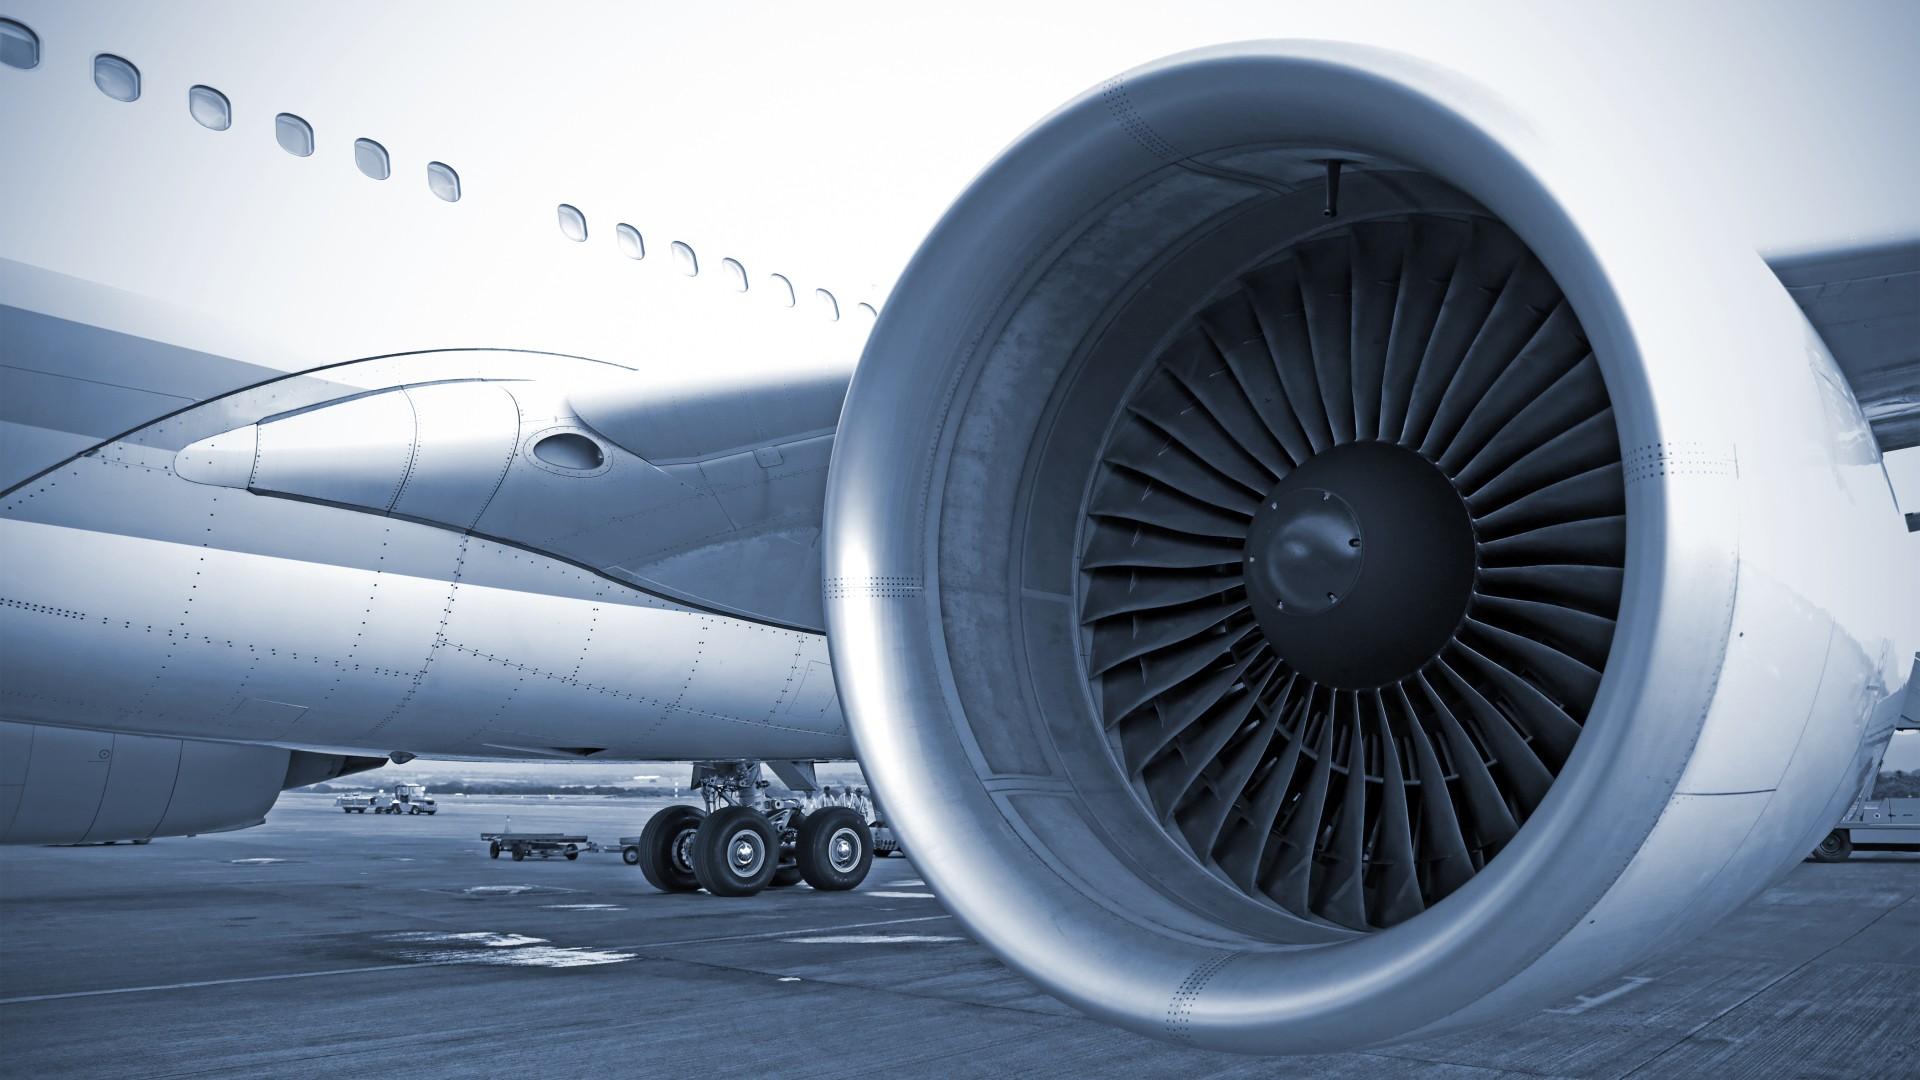 Fond D Ecran R 233 Acteur Avion Wallpaper